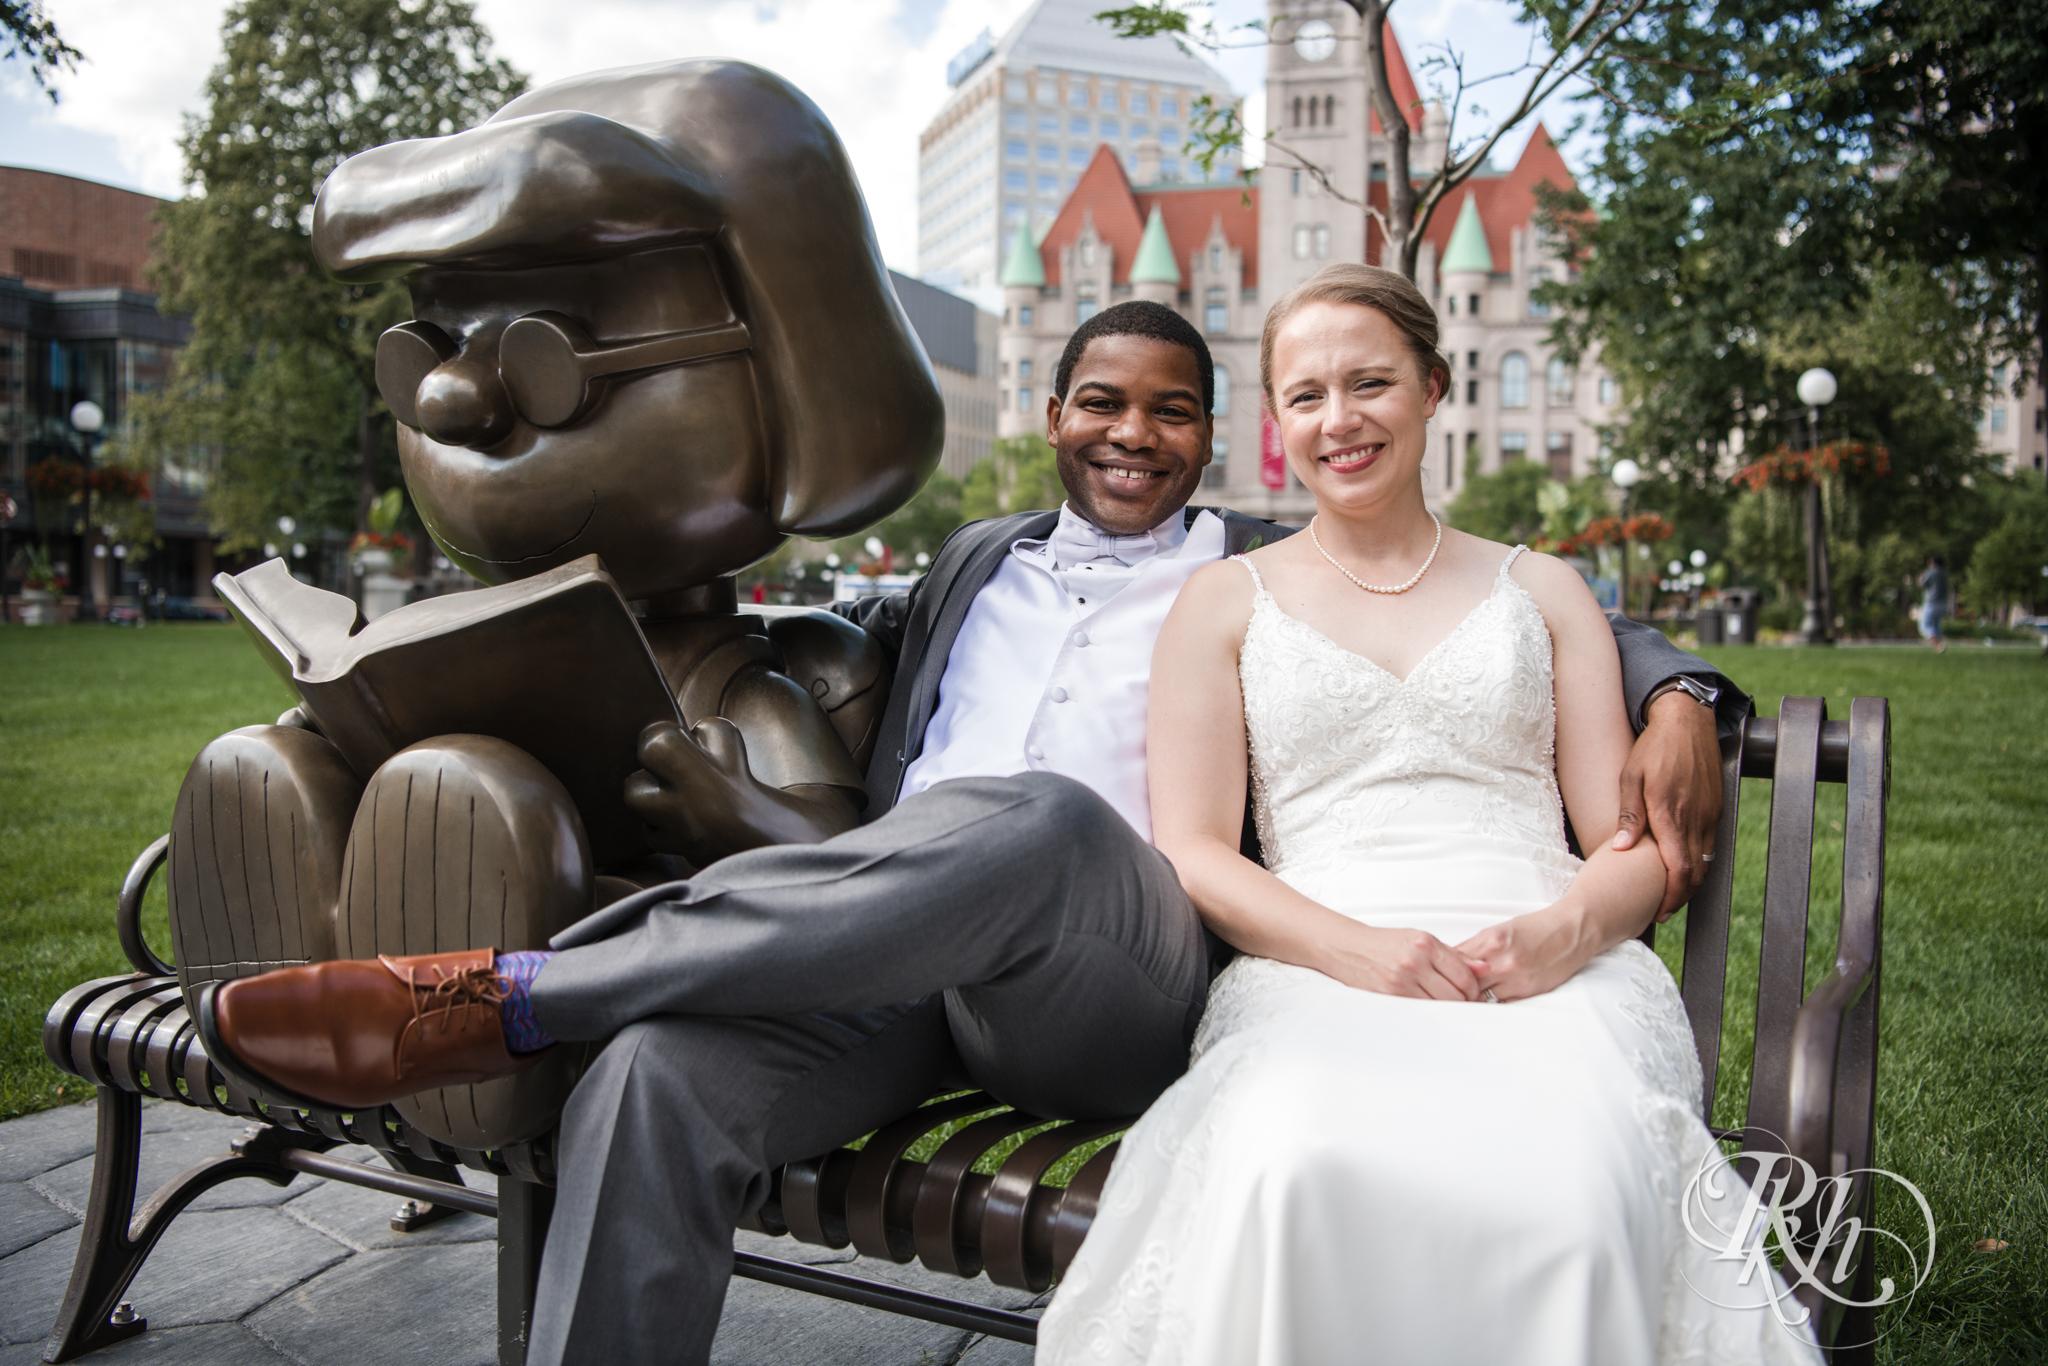 Laura and Adekunle - Minnesota Wedding Photographer - Minnesota History Center - RKH Images - Blog (46 of 75).jpg